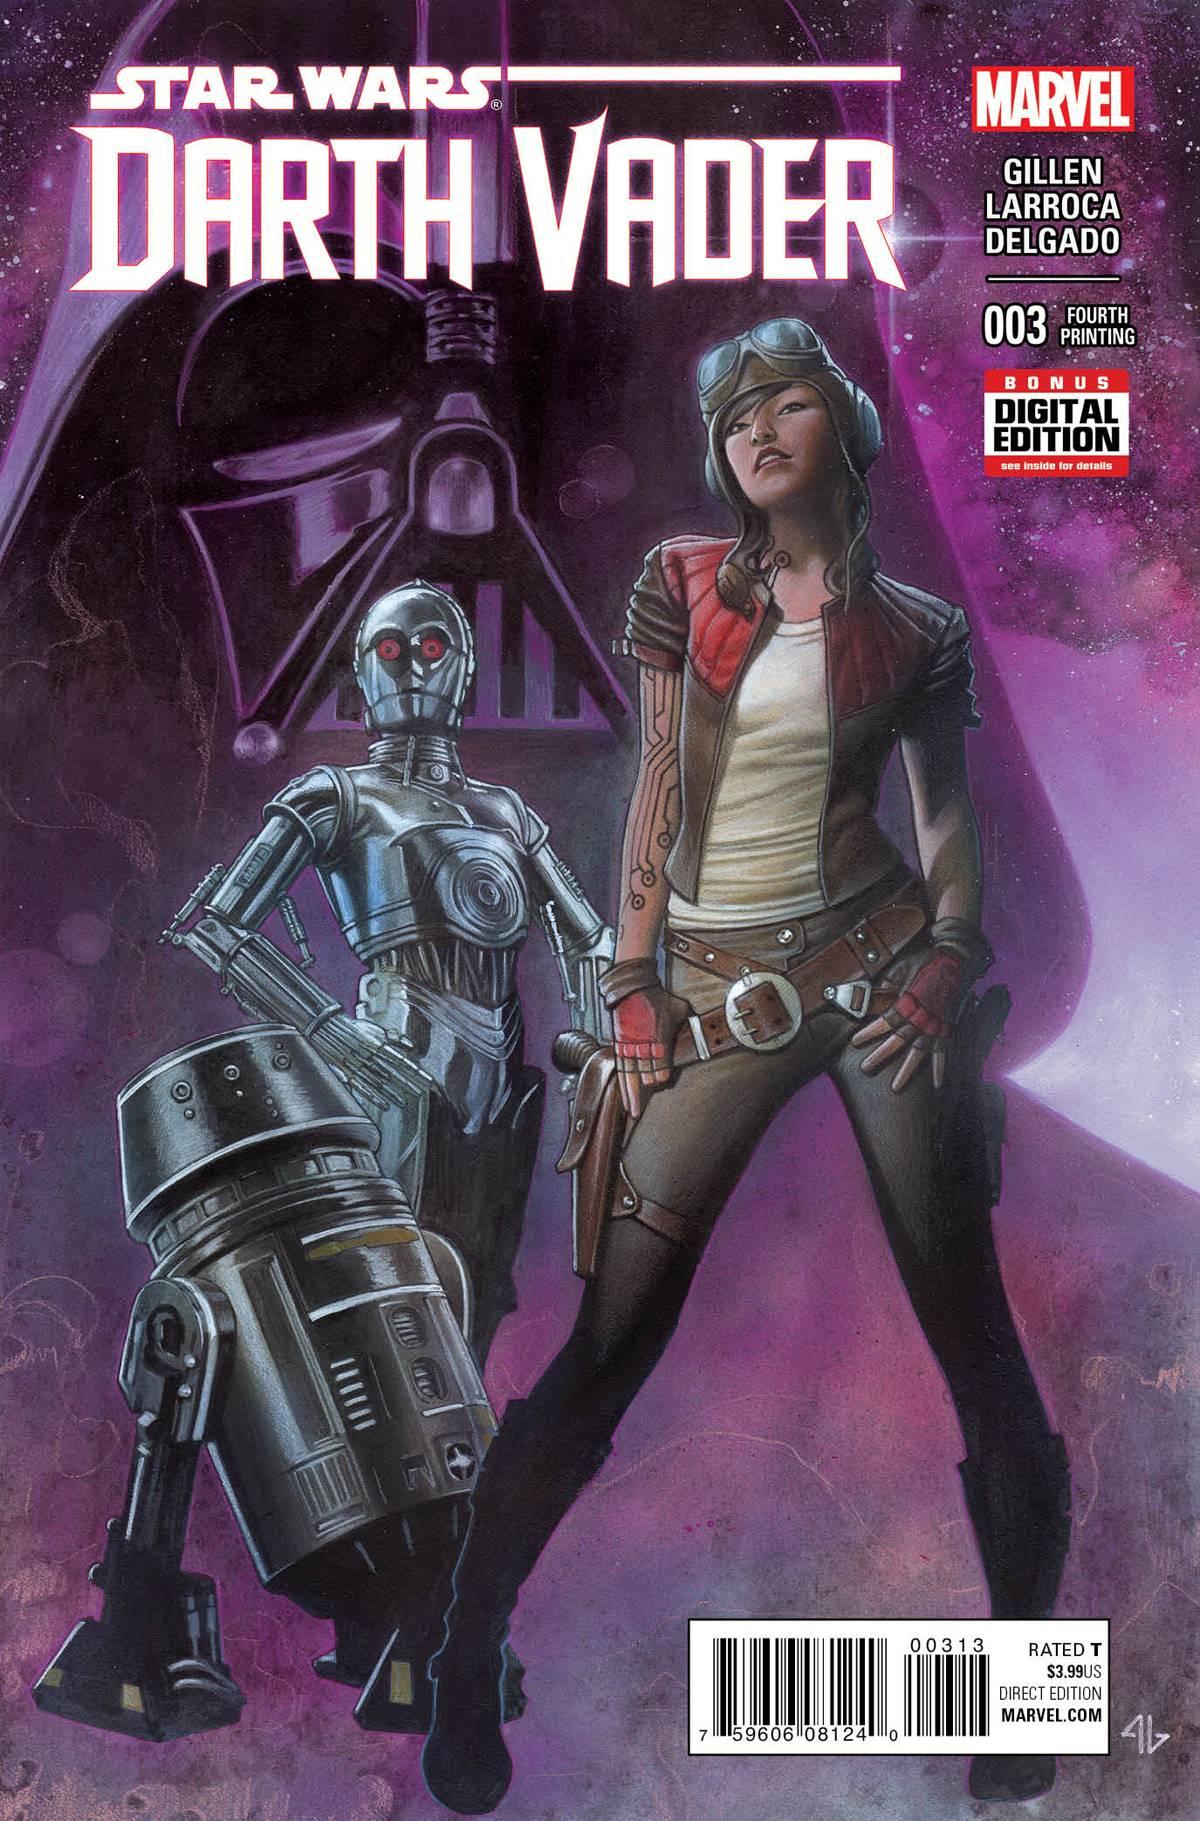 Darth Vader #3 (4th Printing) (11.11.2015)